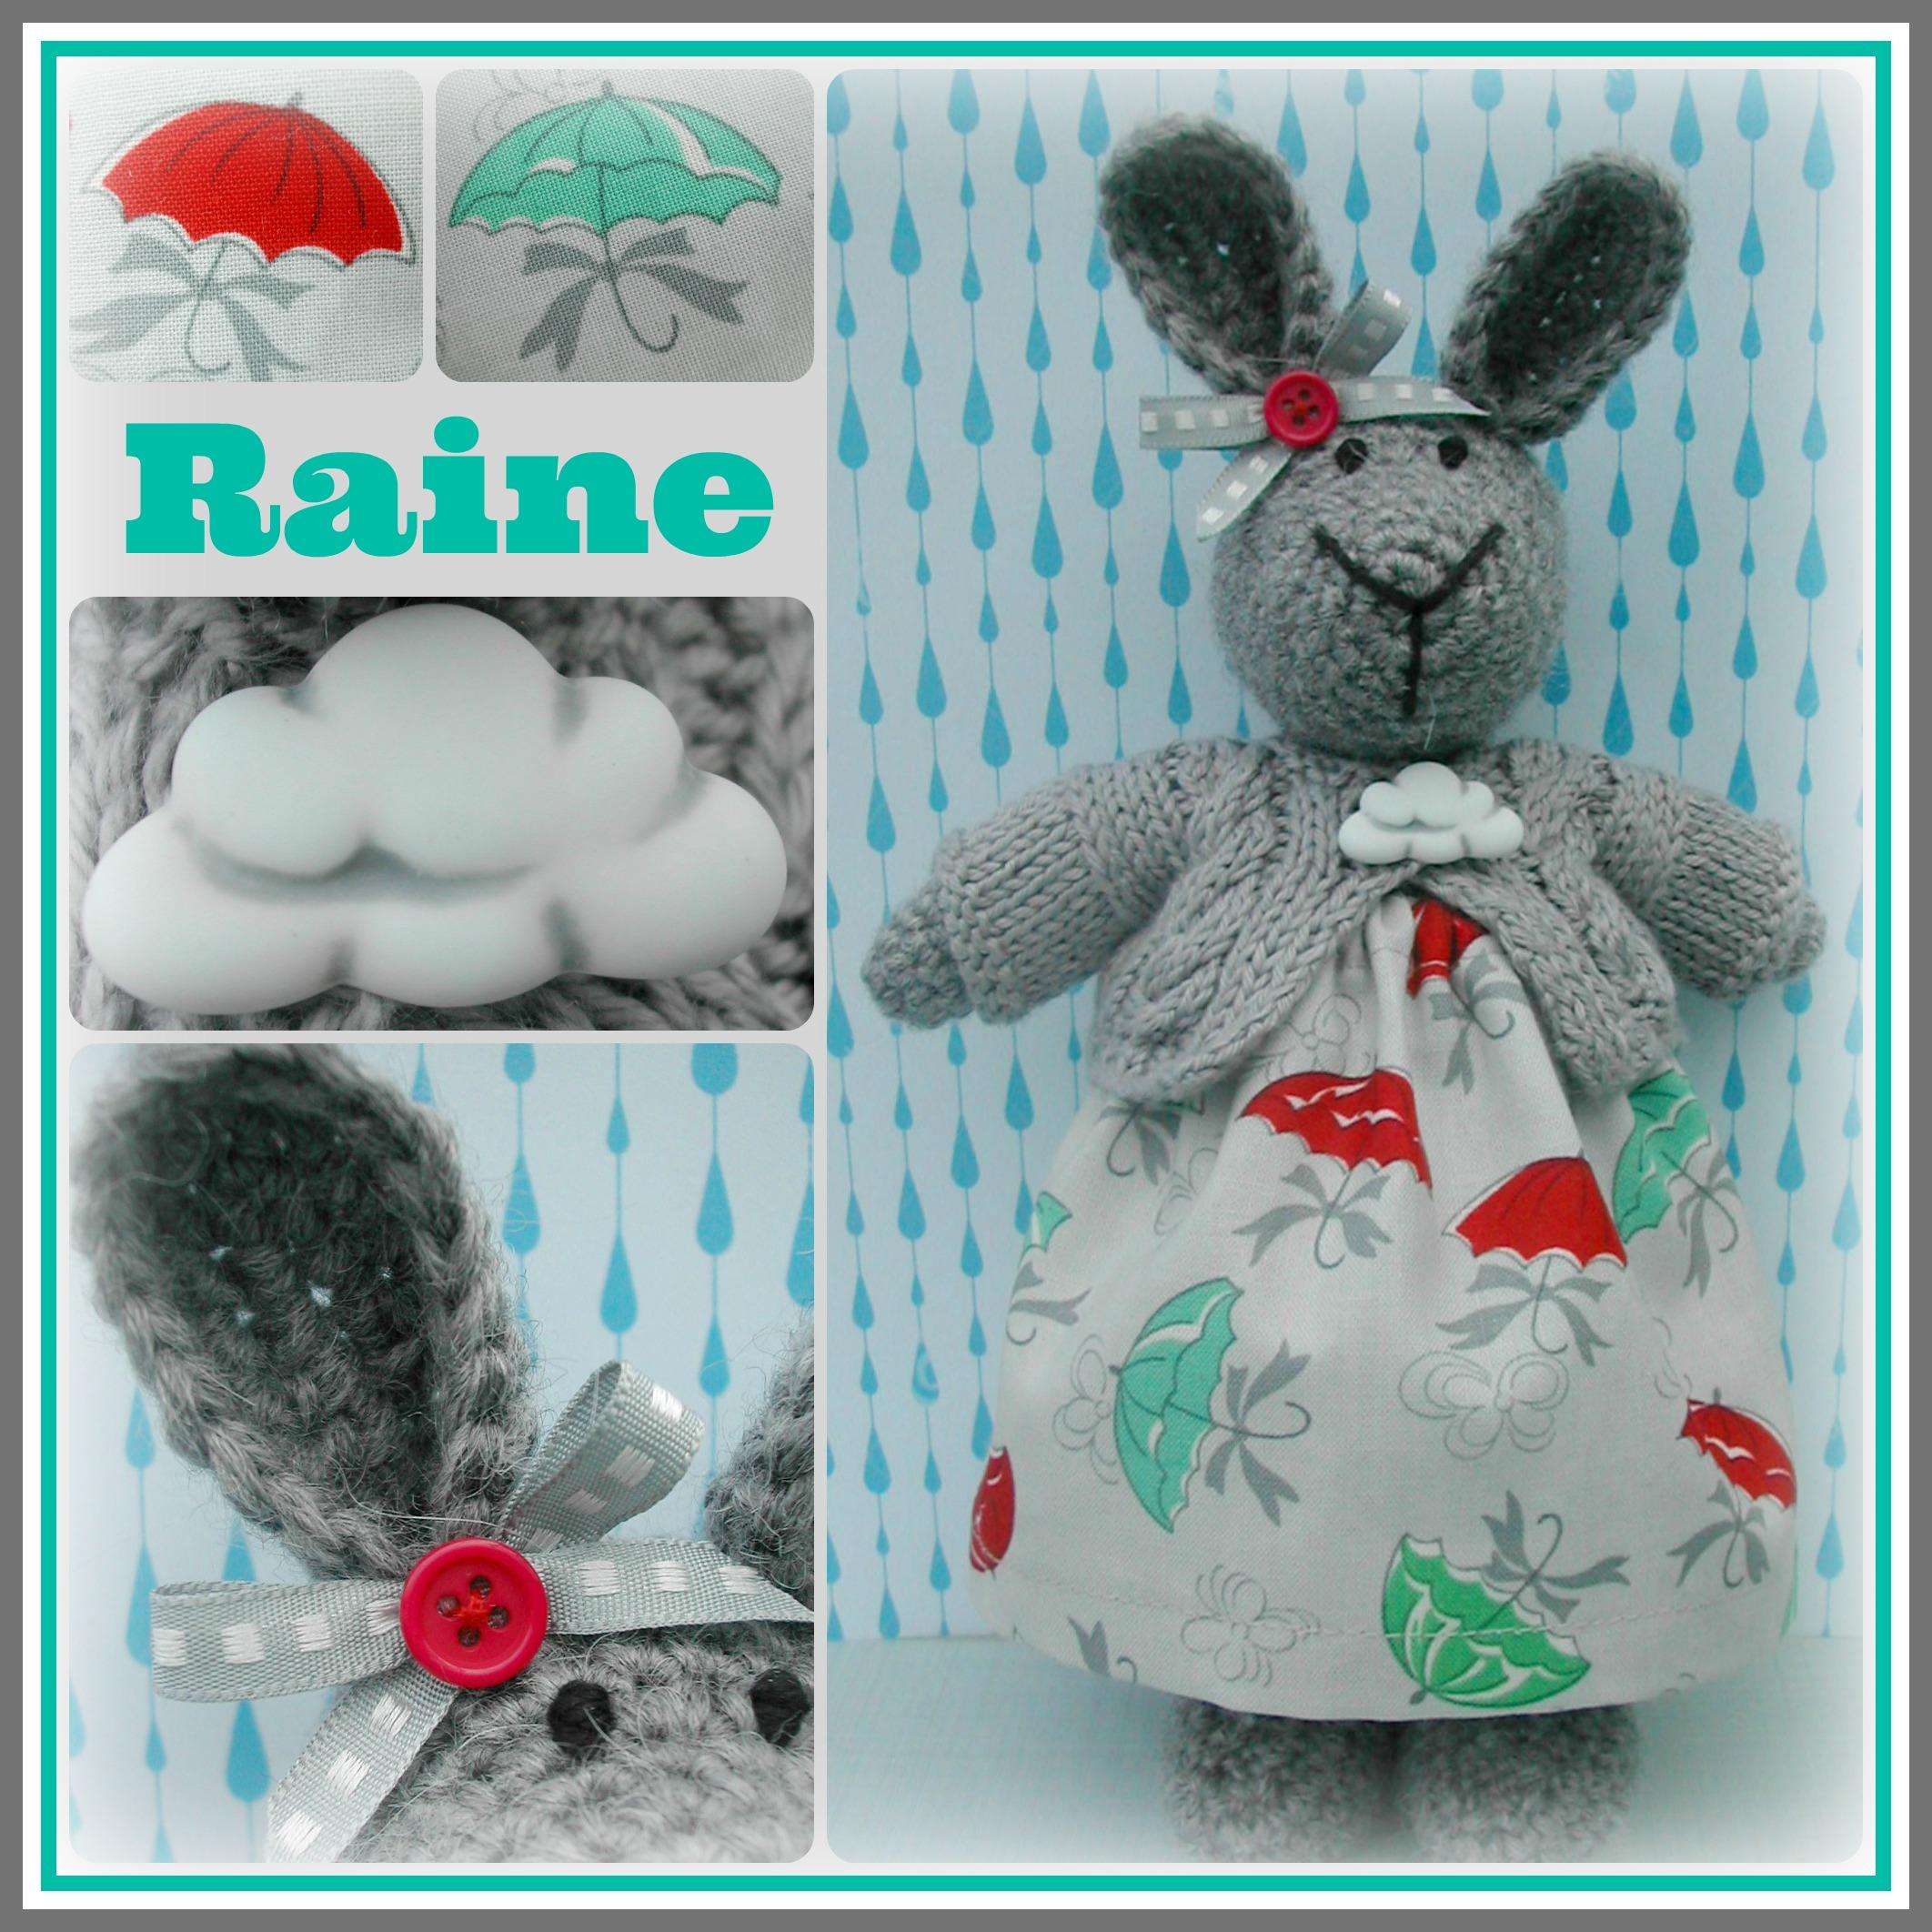 Raine Collage